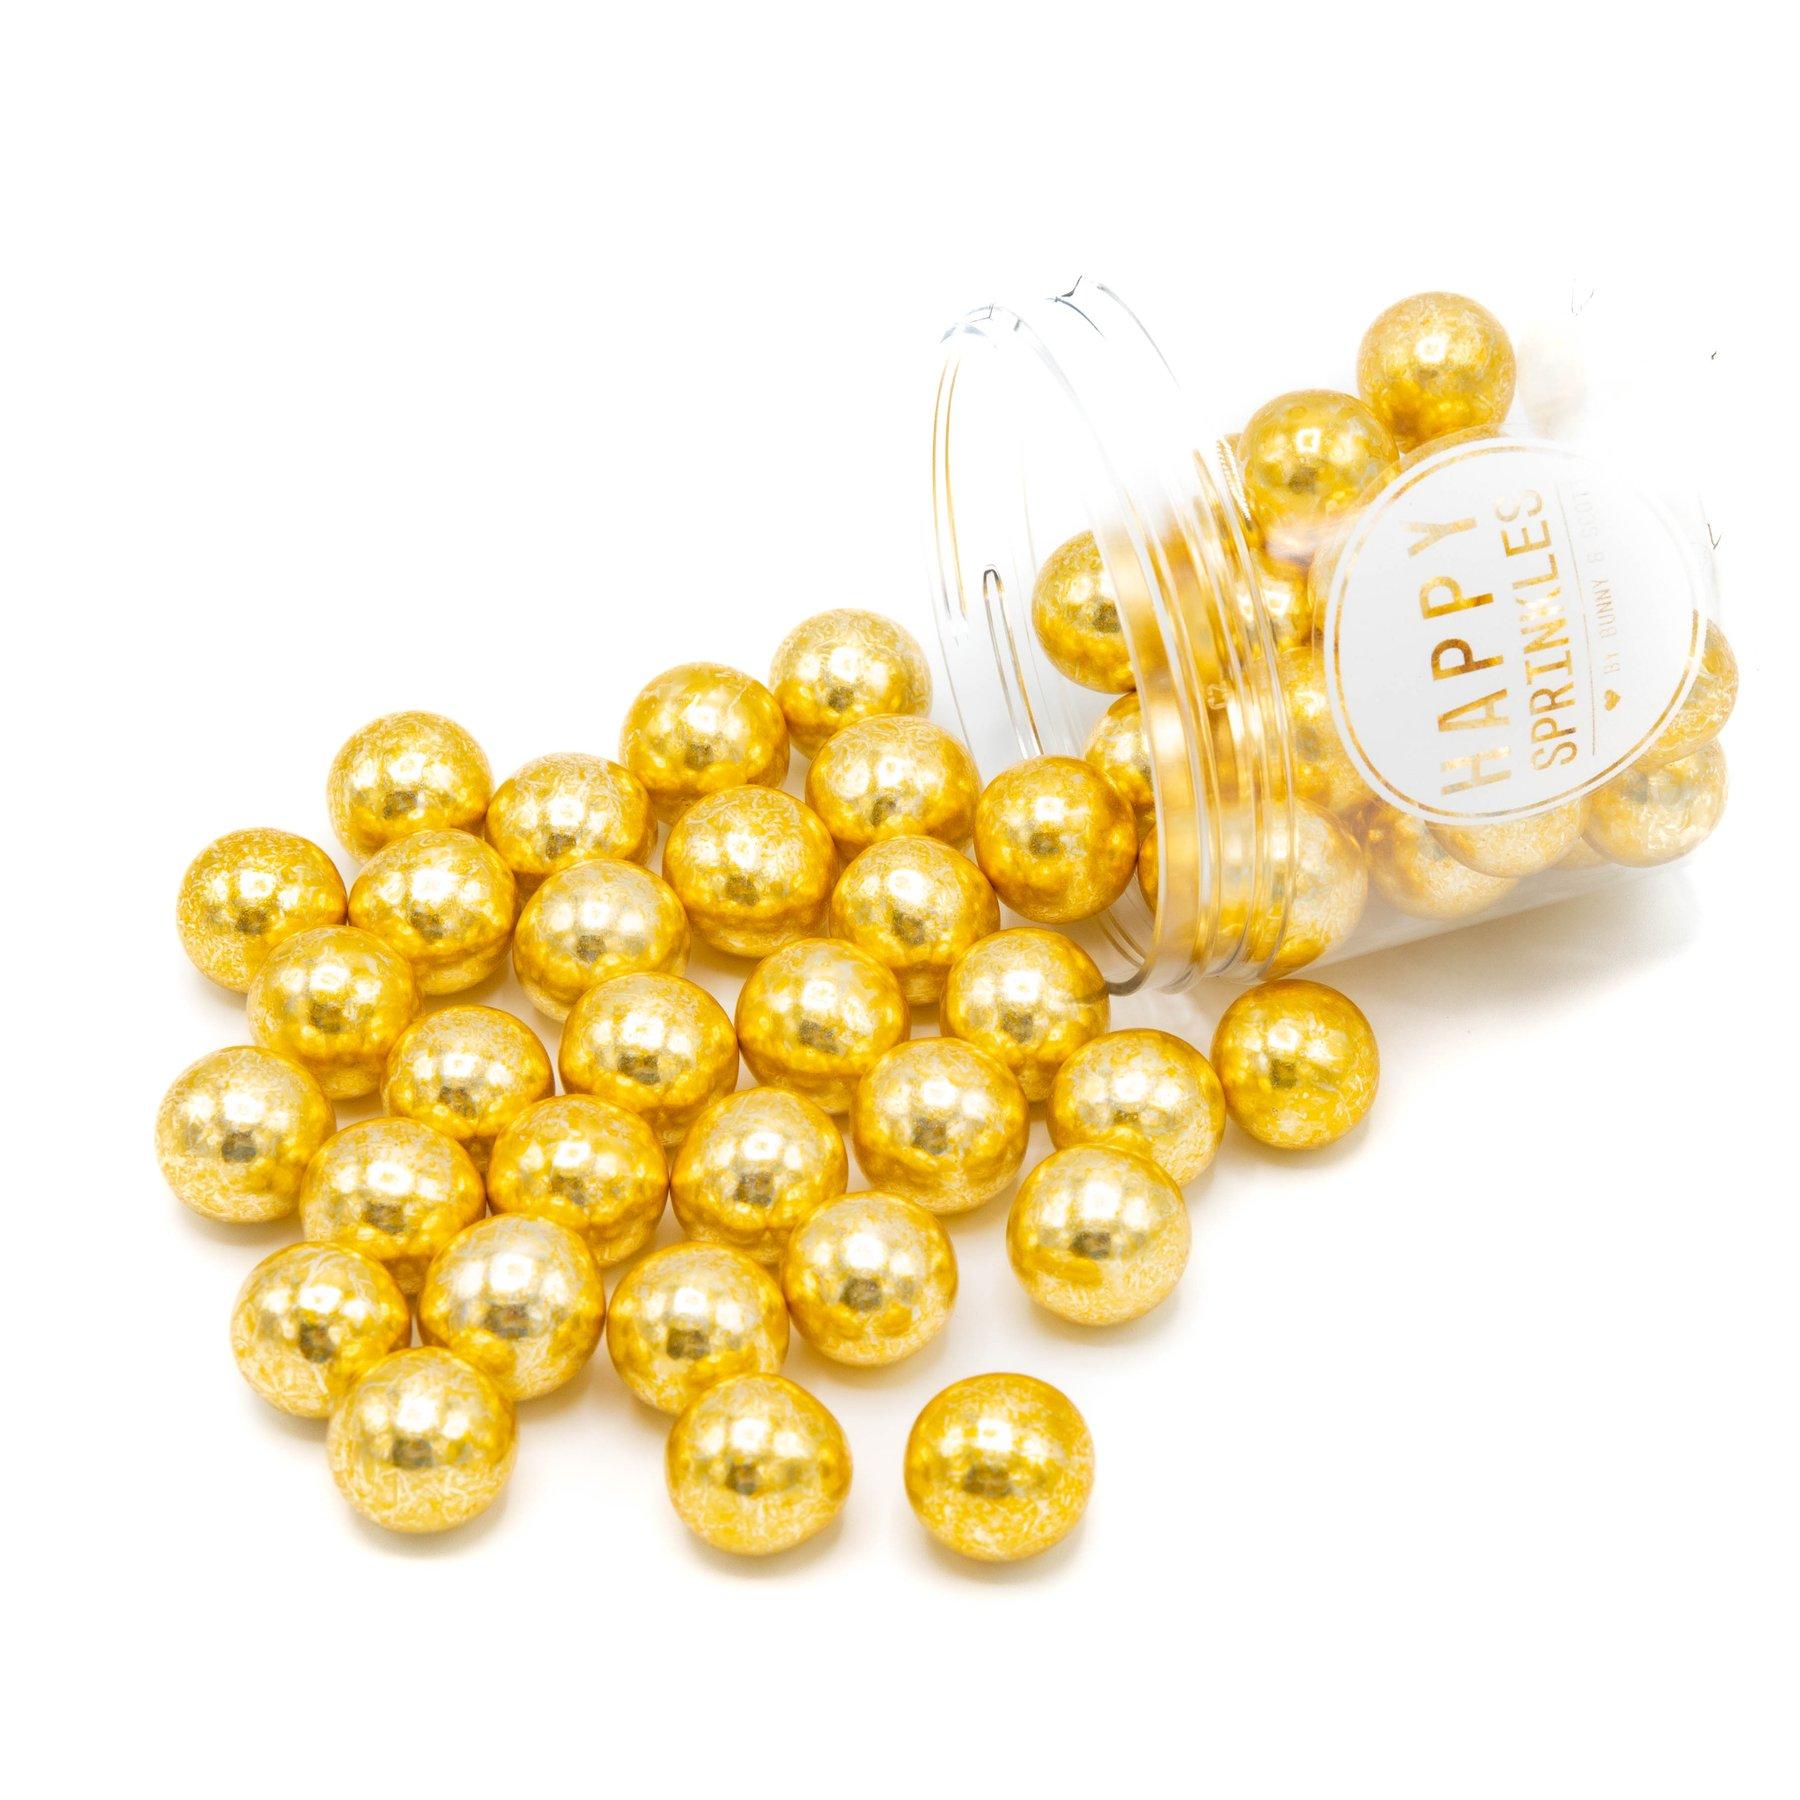 Imagen de producto: https://tienda.postreadiccion.com/img/articulos/secundarias13661-vintage-gold-choco-crunch-de-happy-sprinkles-130-g-1.jpg